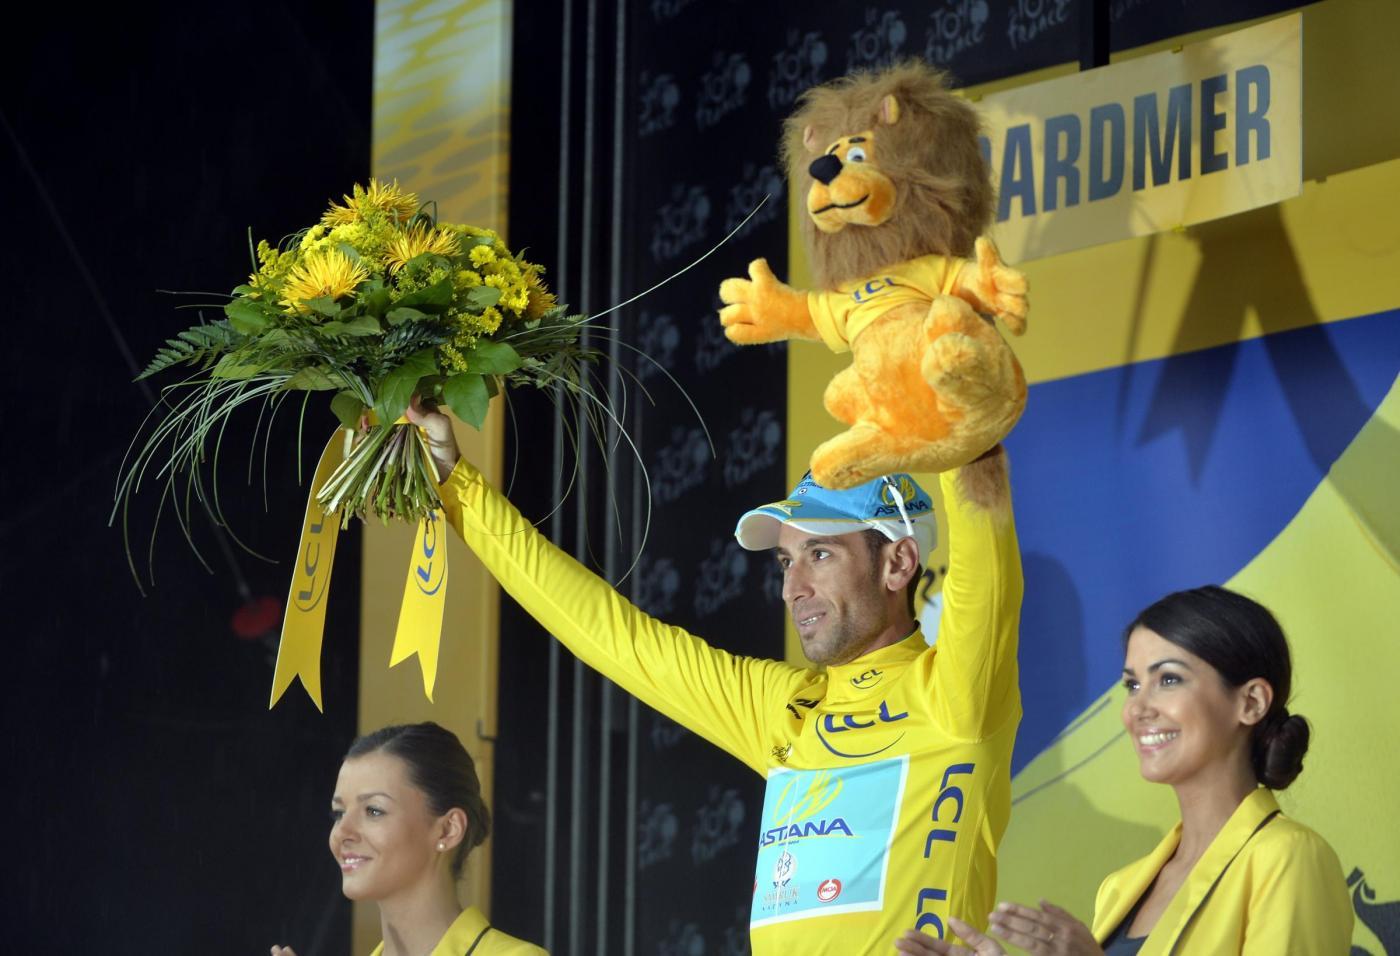 Nibali maglia gialla Tour de France 2014 palco